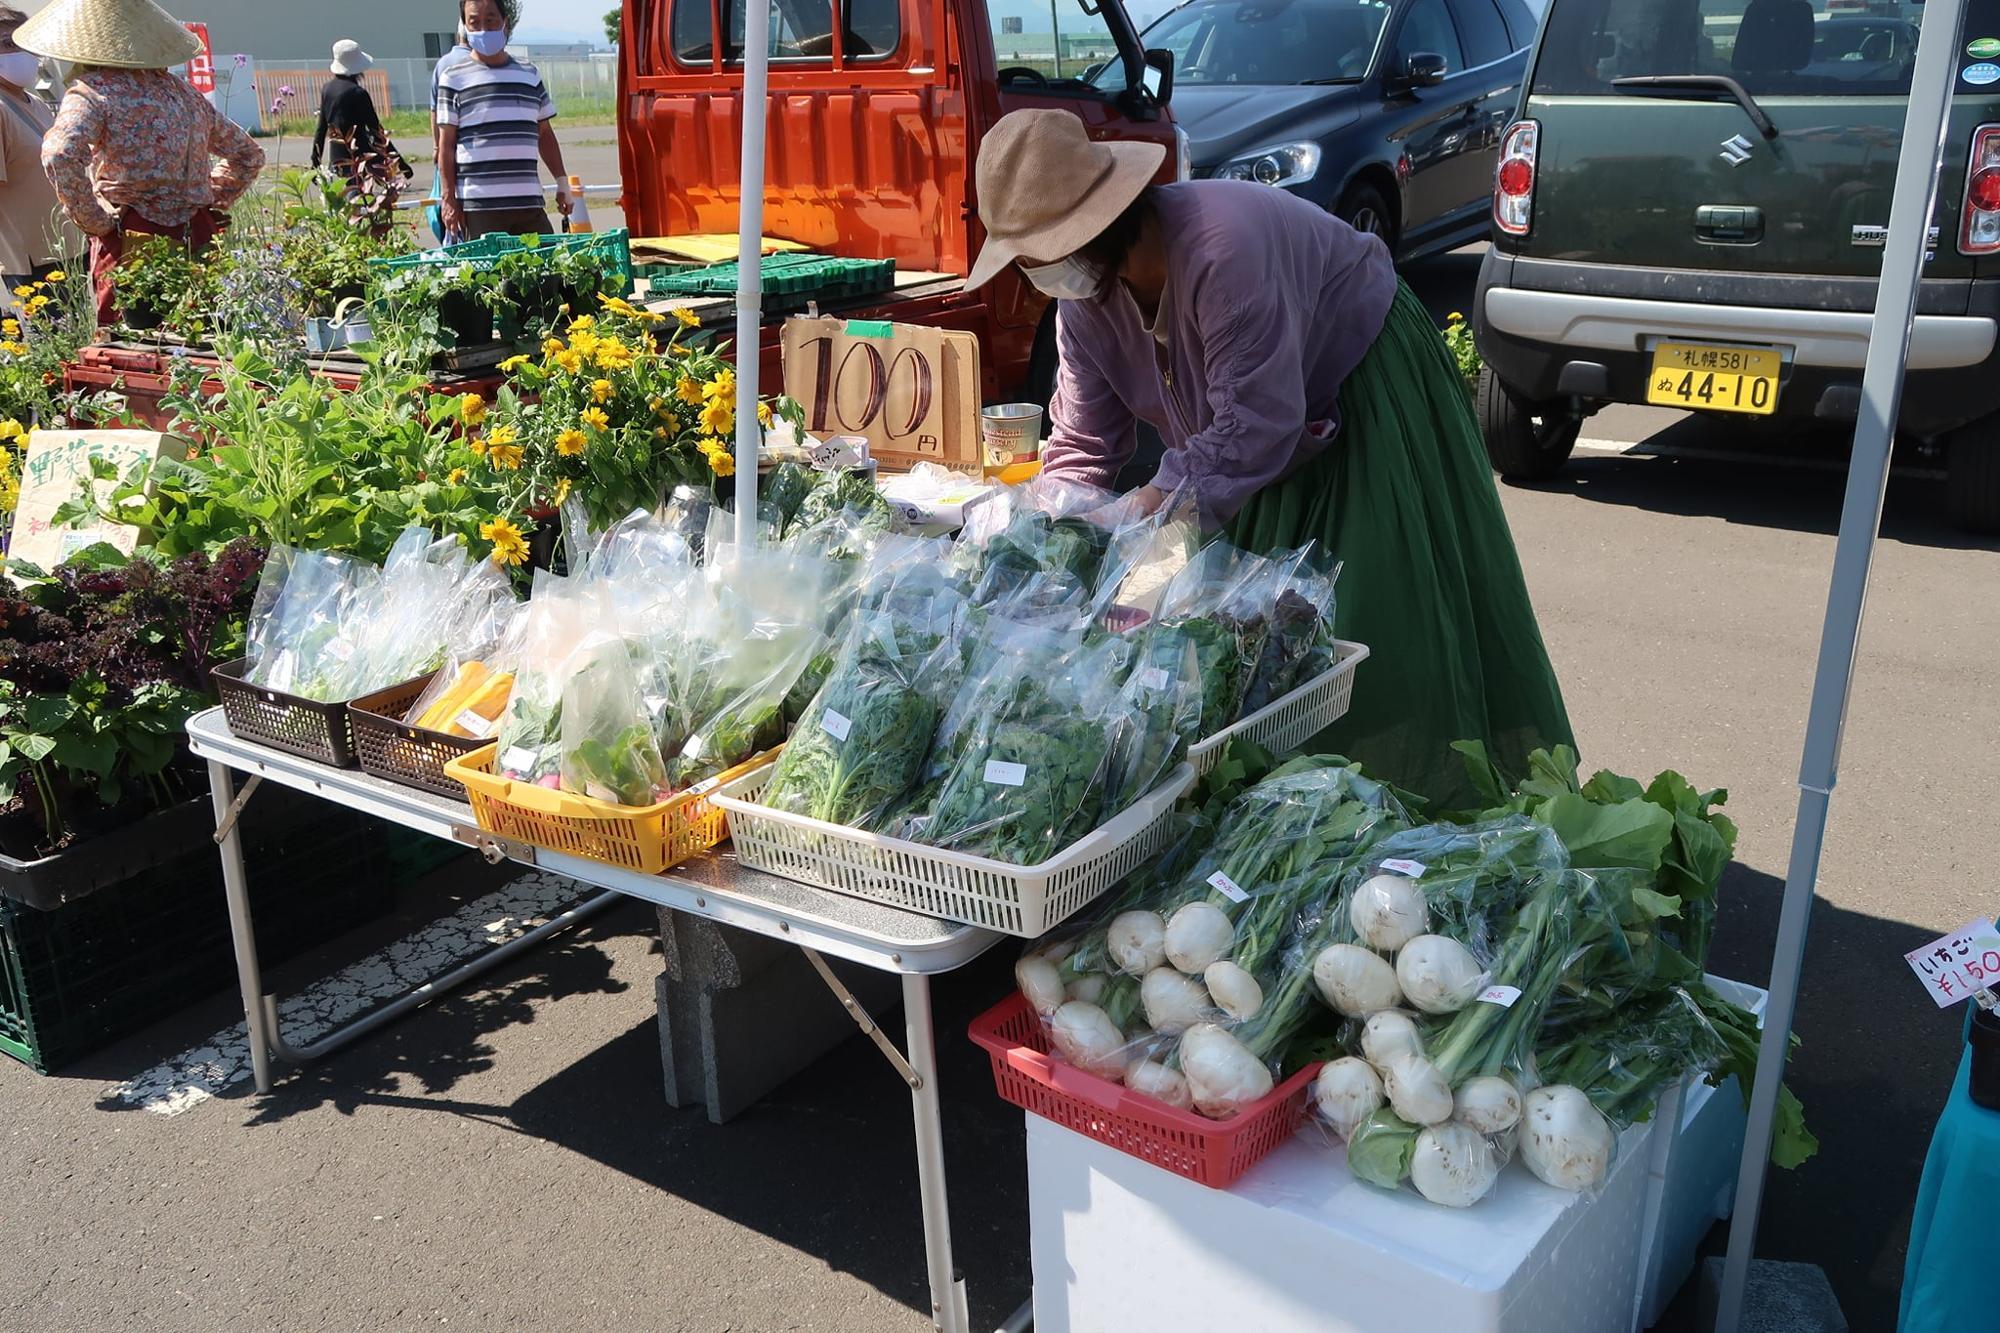 季節によっていろいろな野菜が並びます